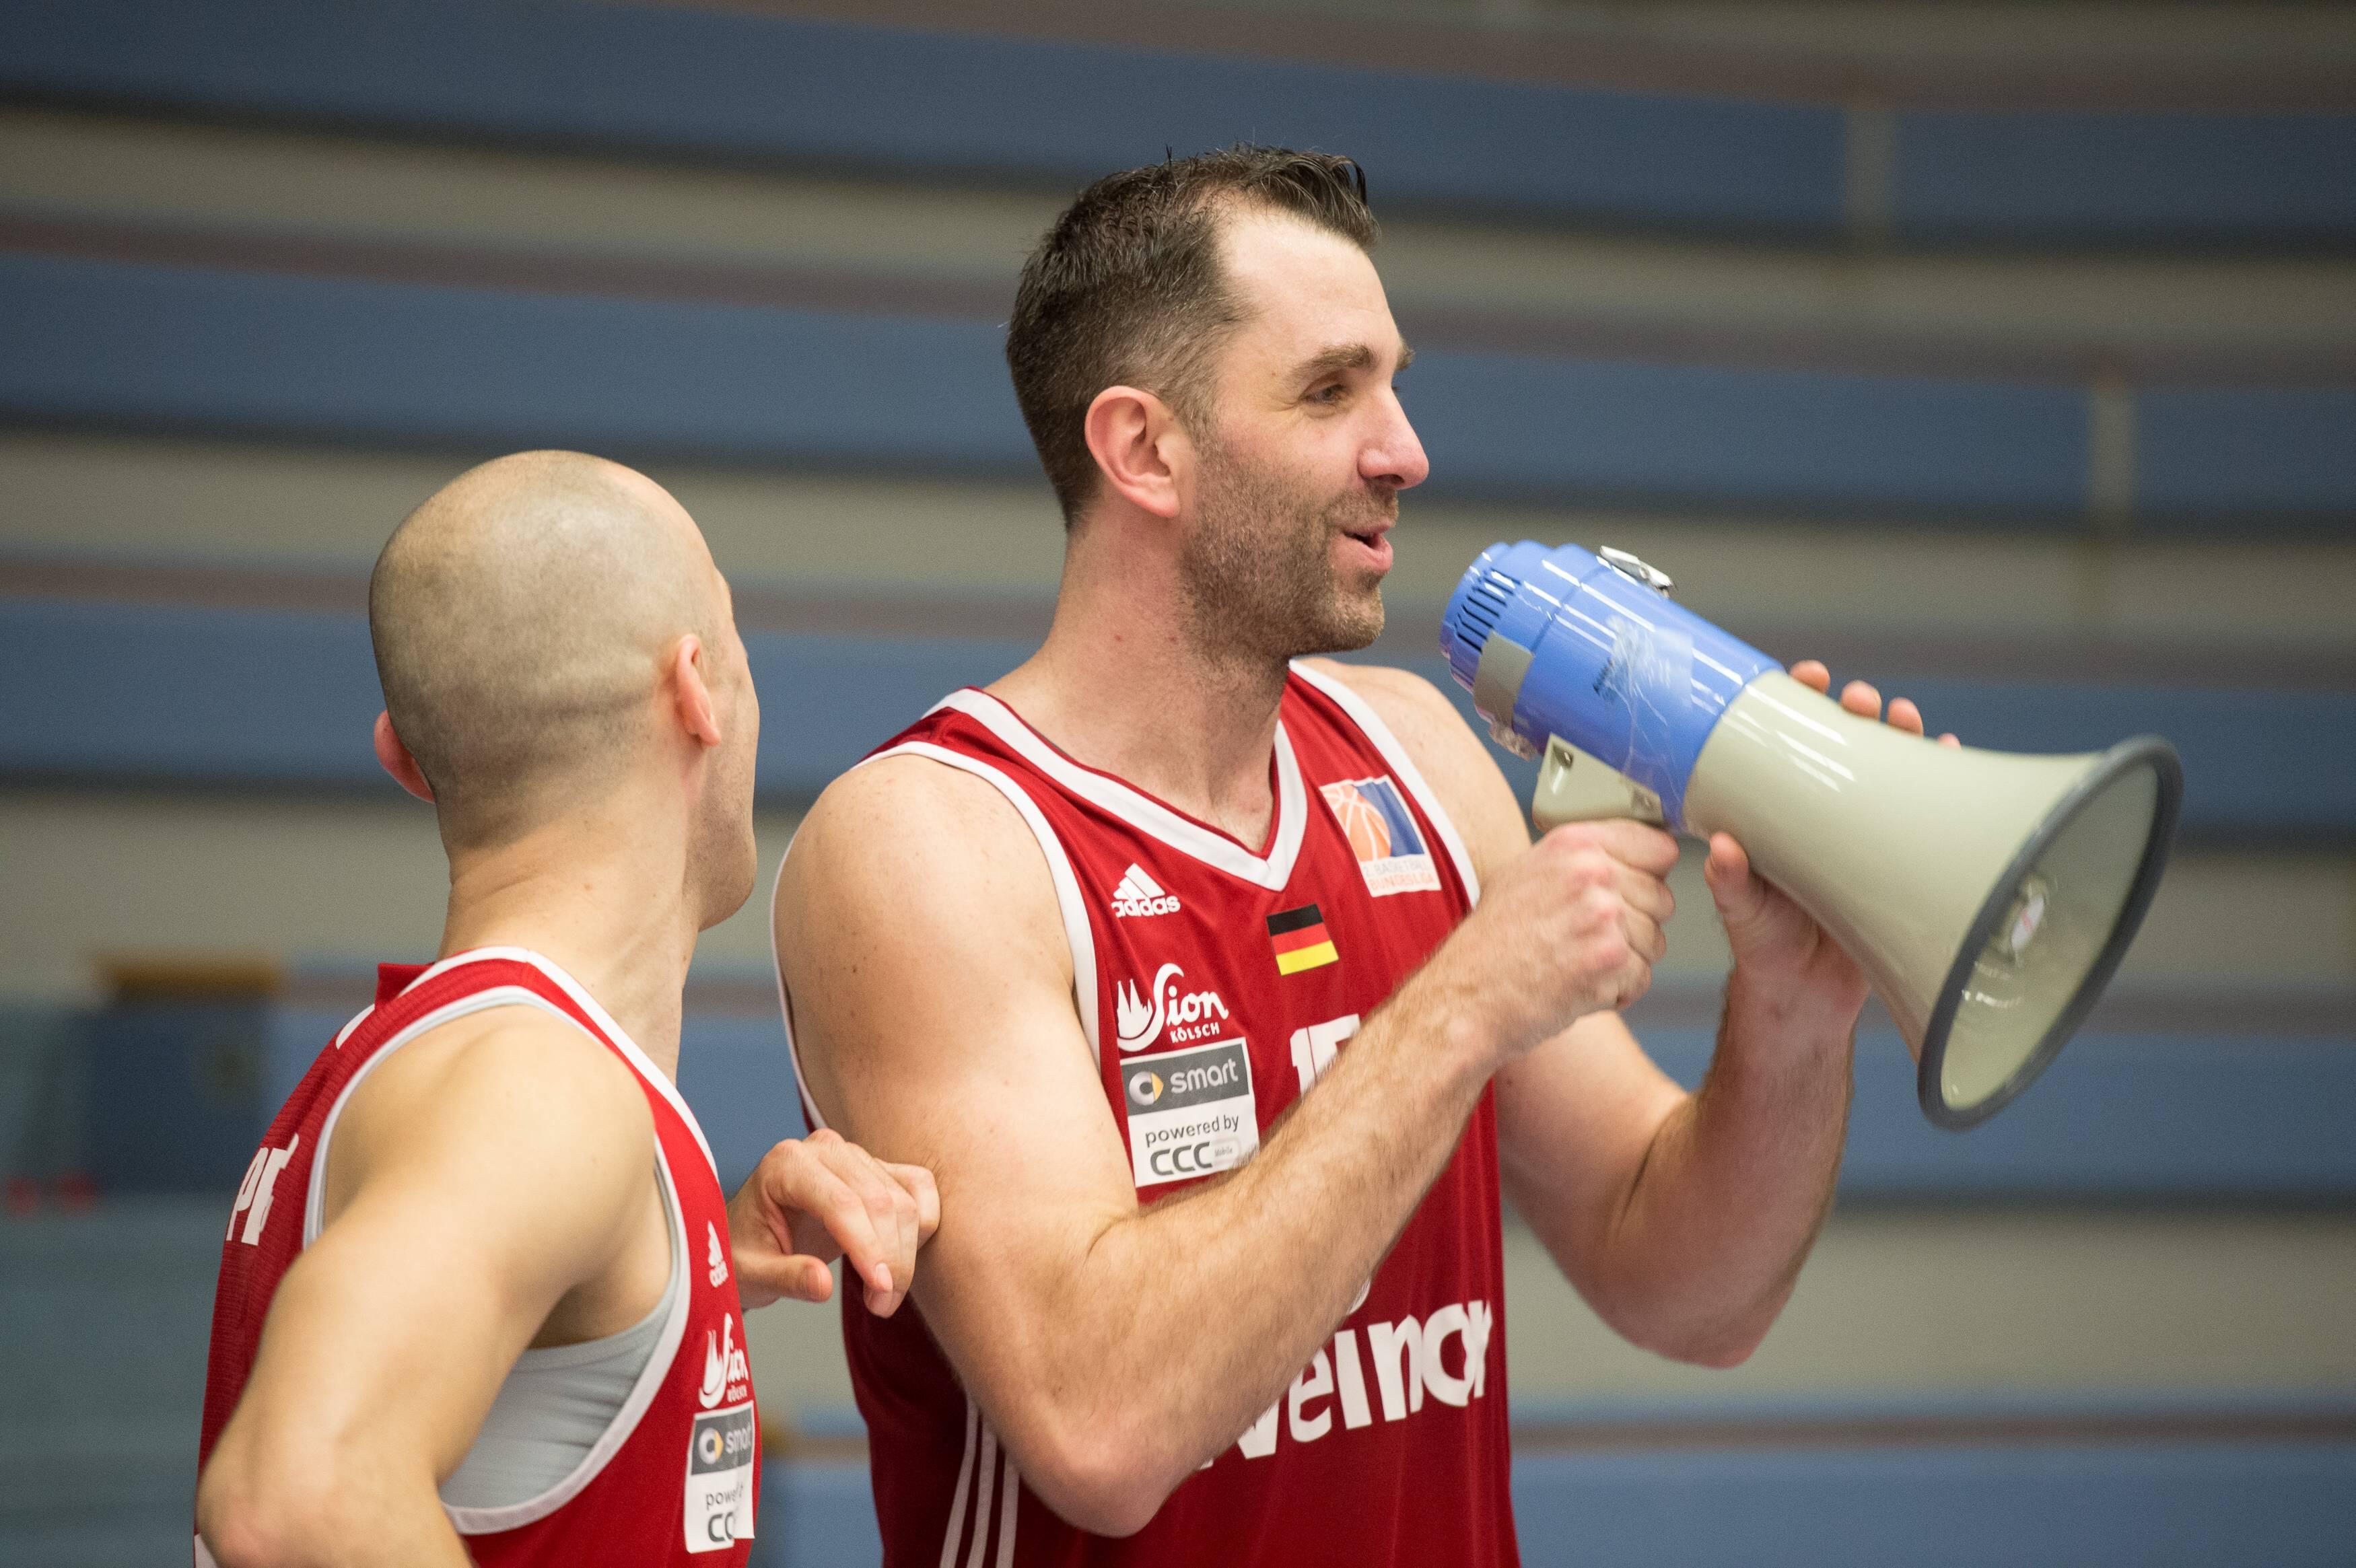 Bernd Kruel hat ein Megafon in der Hand